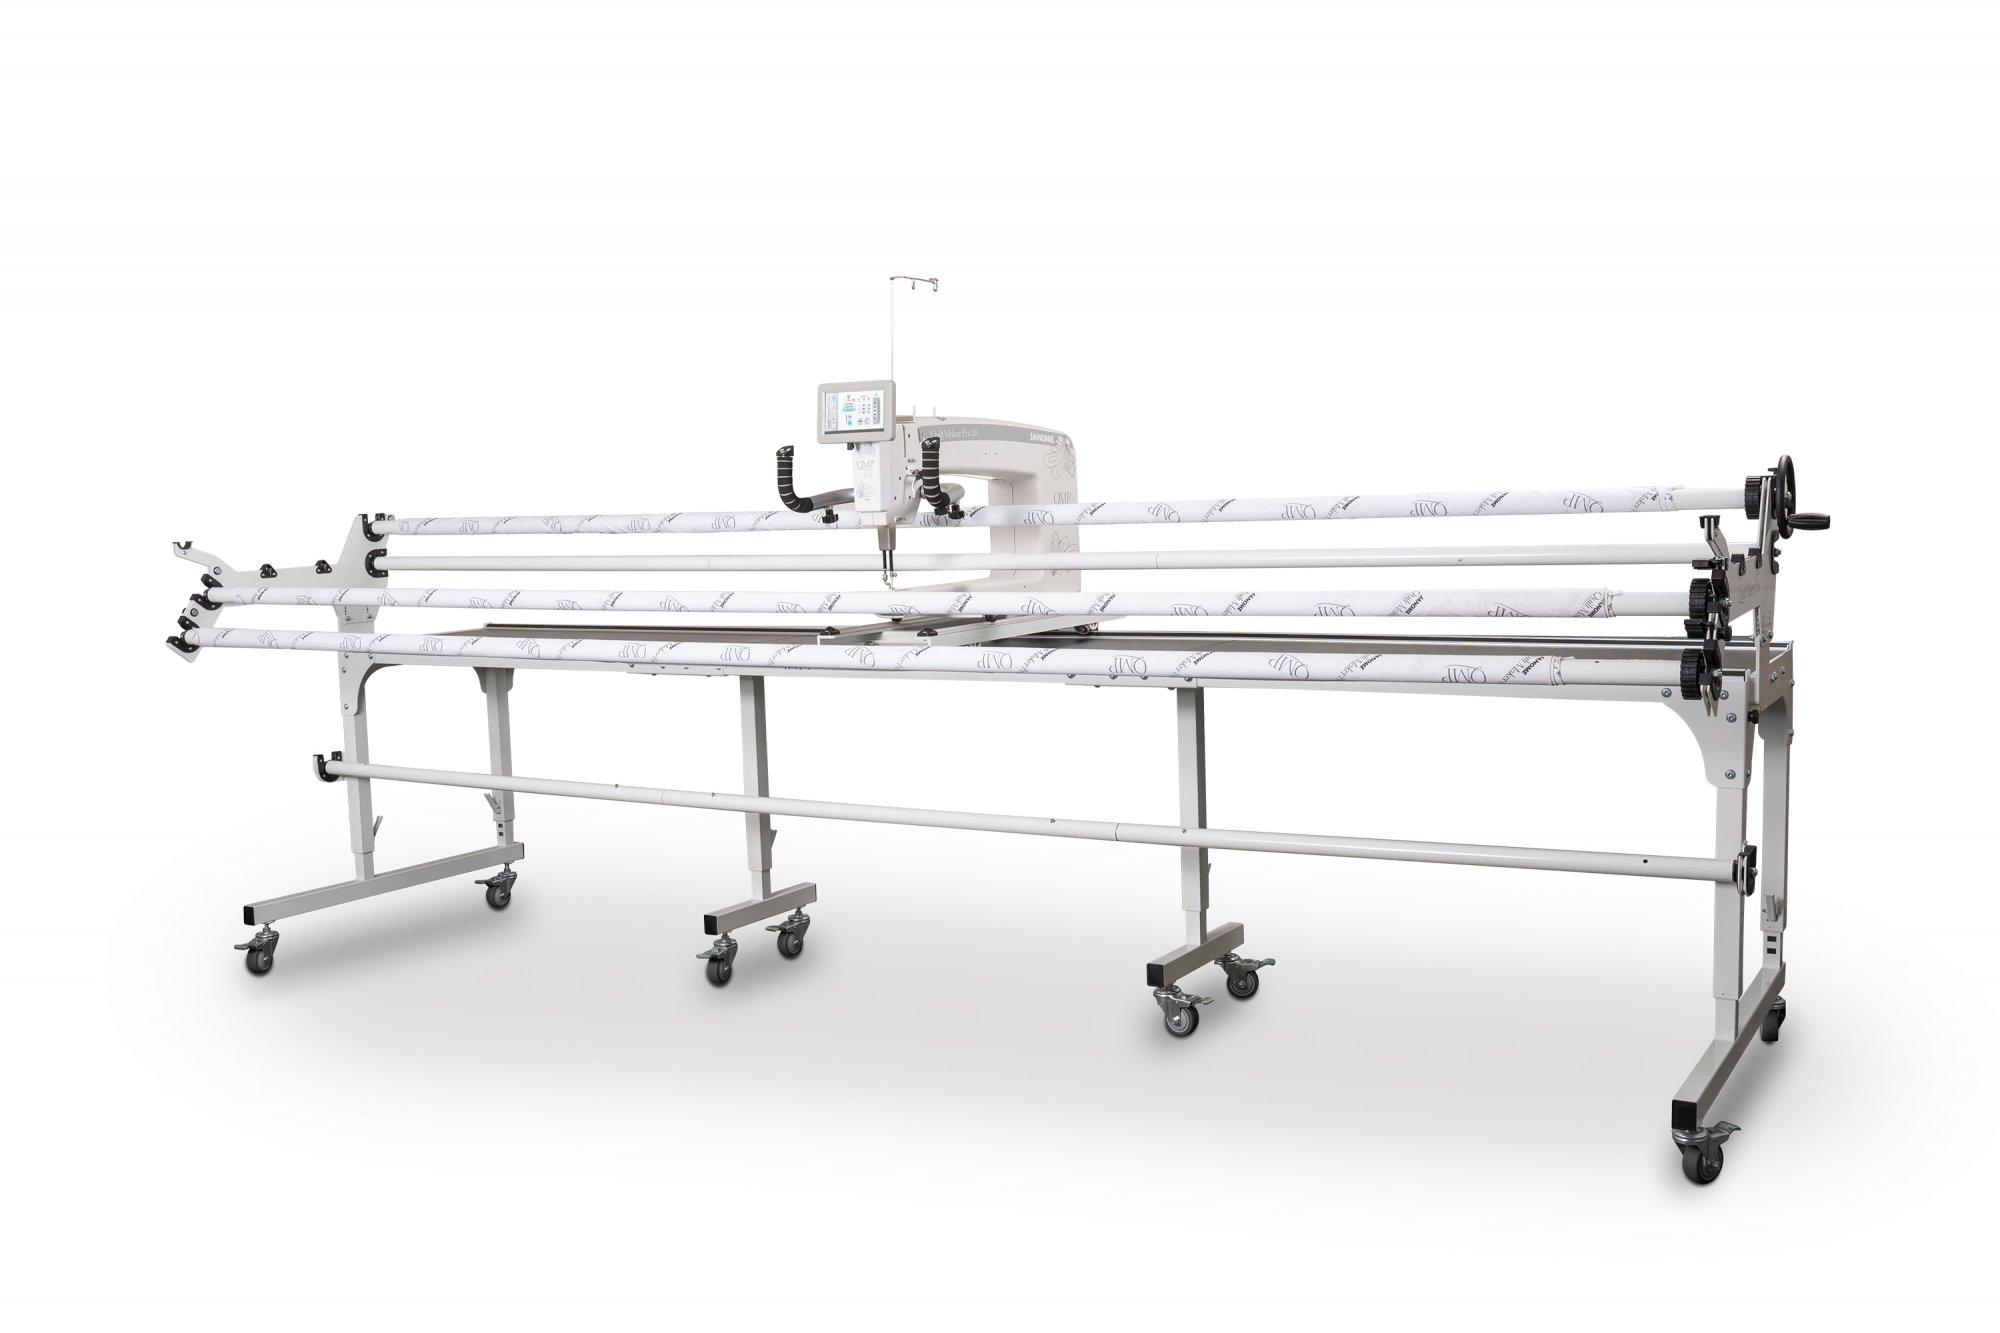 Quilt Maker Pro 20 Long Arm